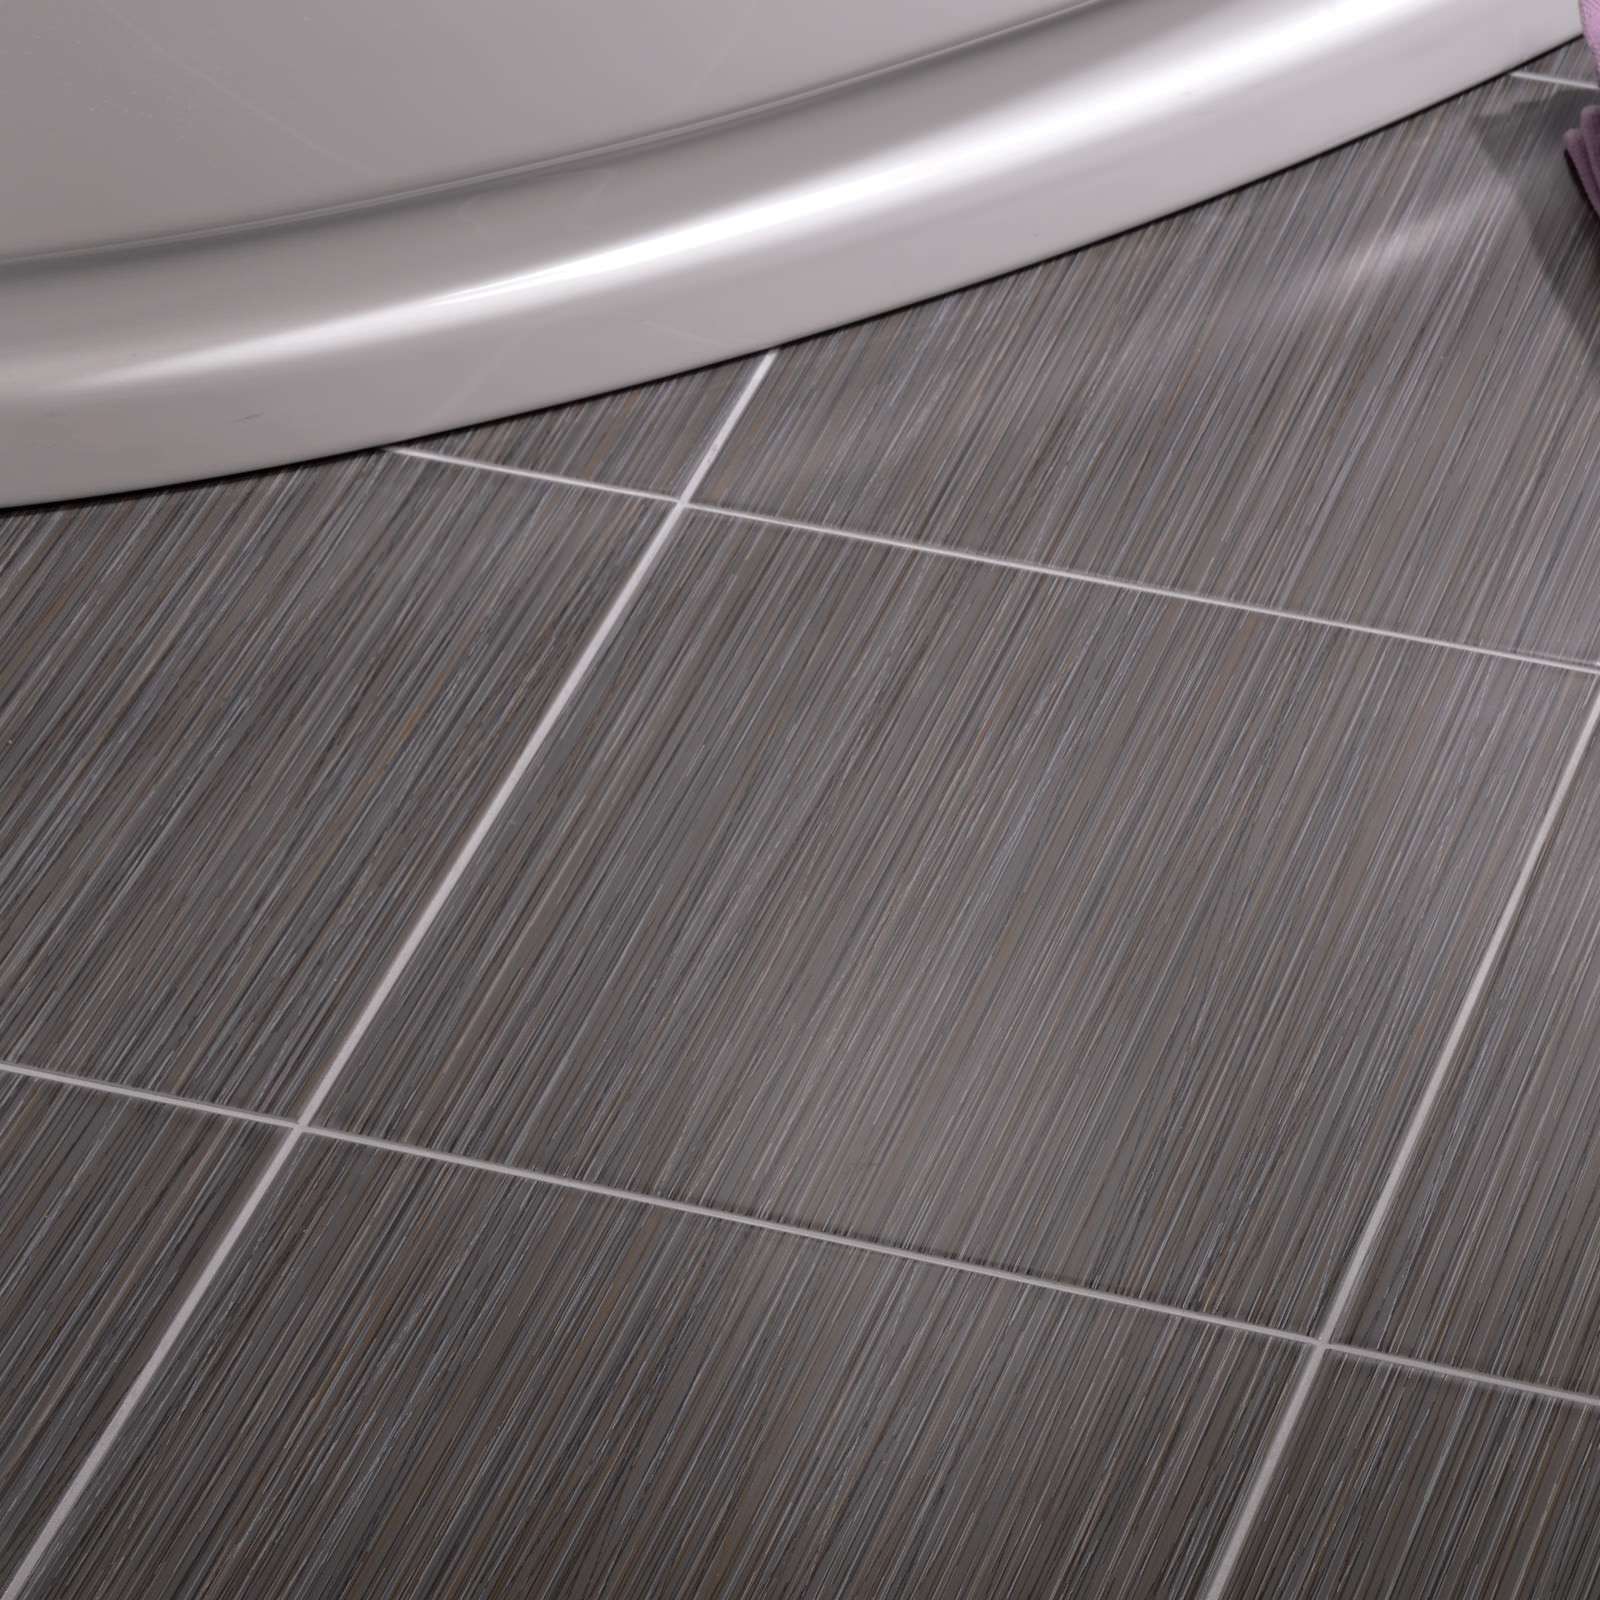 kiwu gris wall floor tile. Black Bedroom Furniture Sets. Home Design Ideas